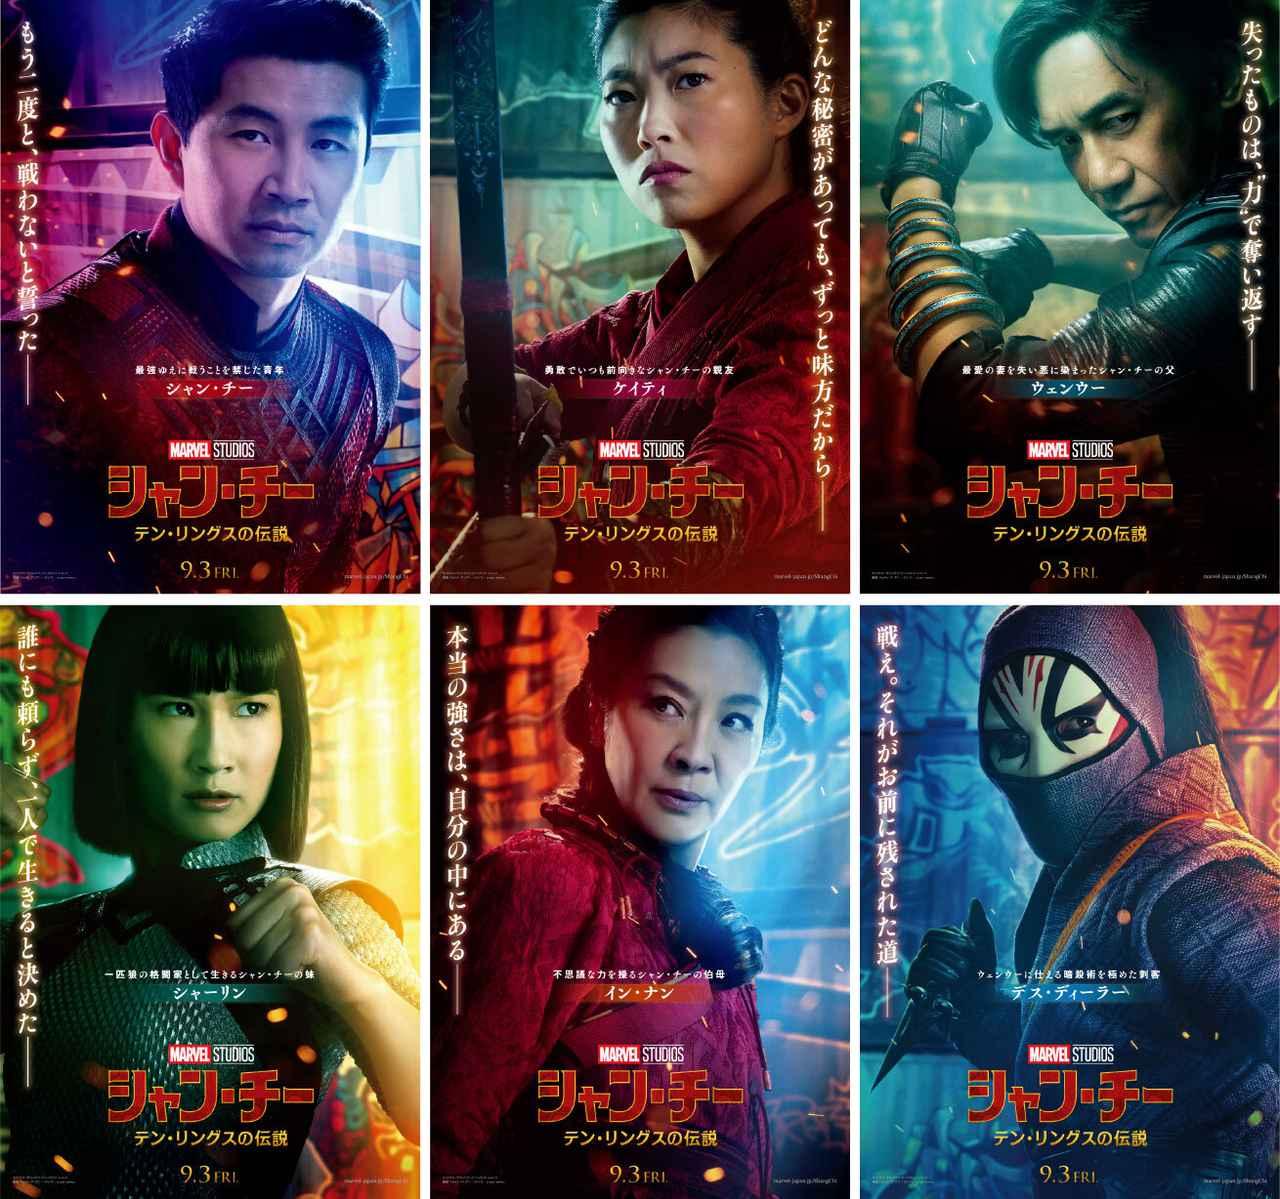 画像: 各キャラクターの決意が表現されたポスター